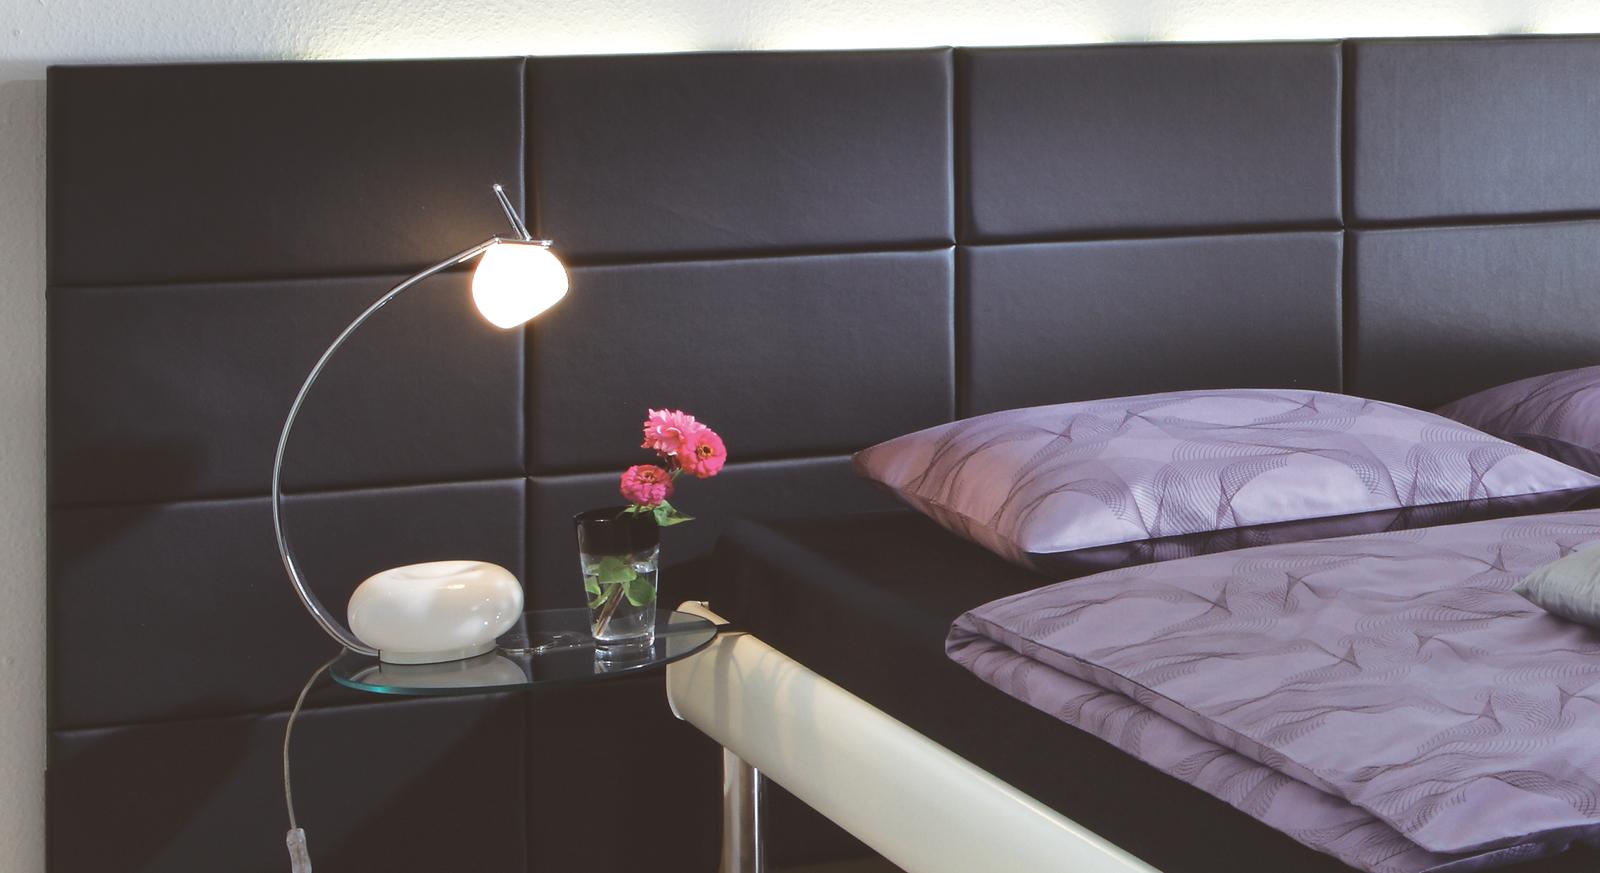 Bett Cordoba Wandpaneel inklusive und optionaler Nachttisch Malaga